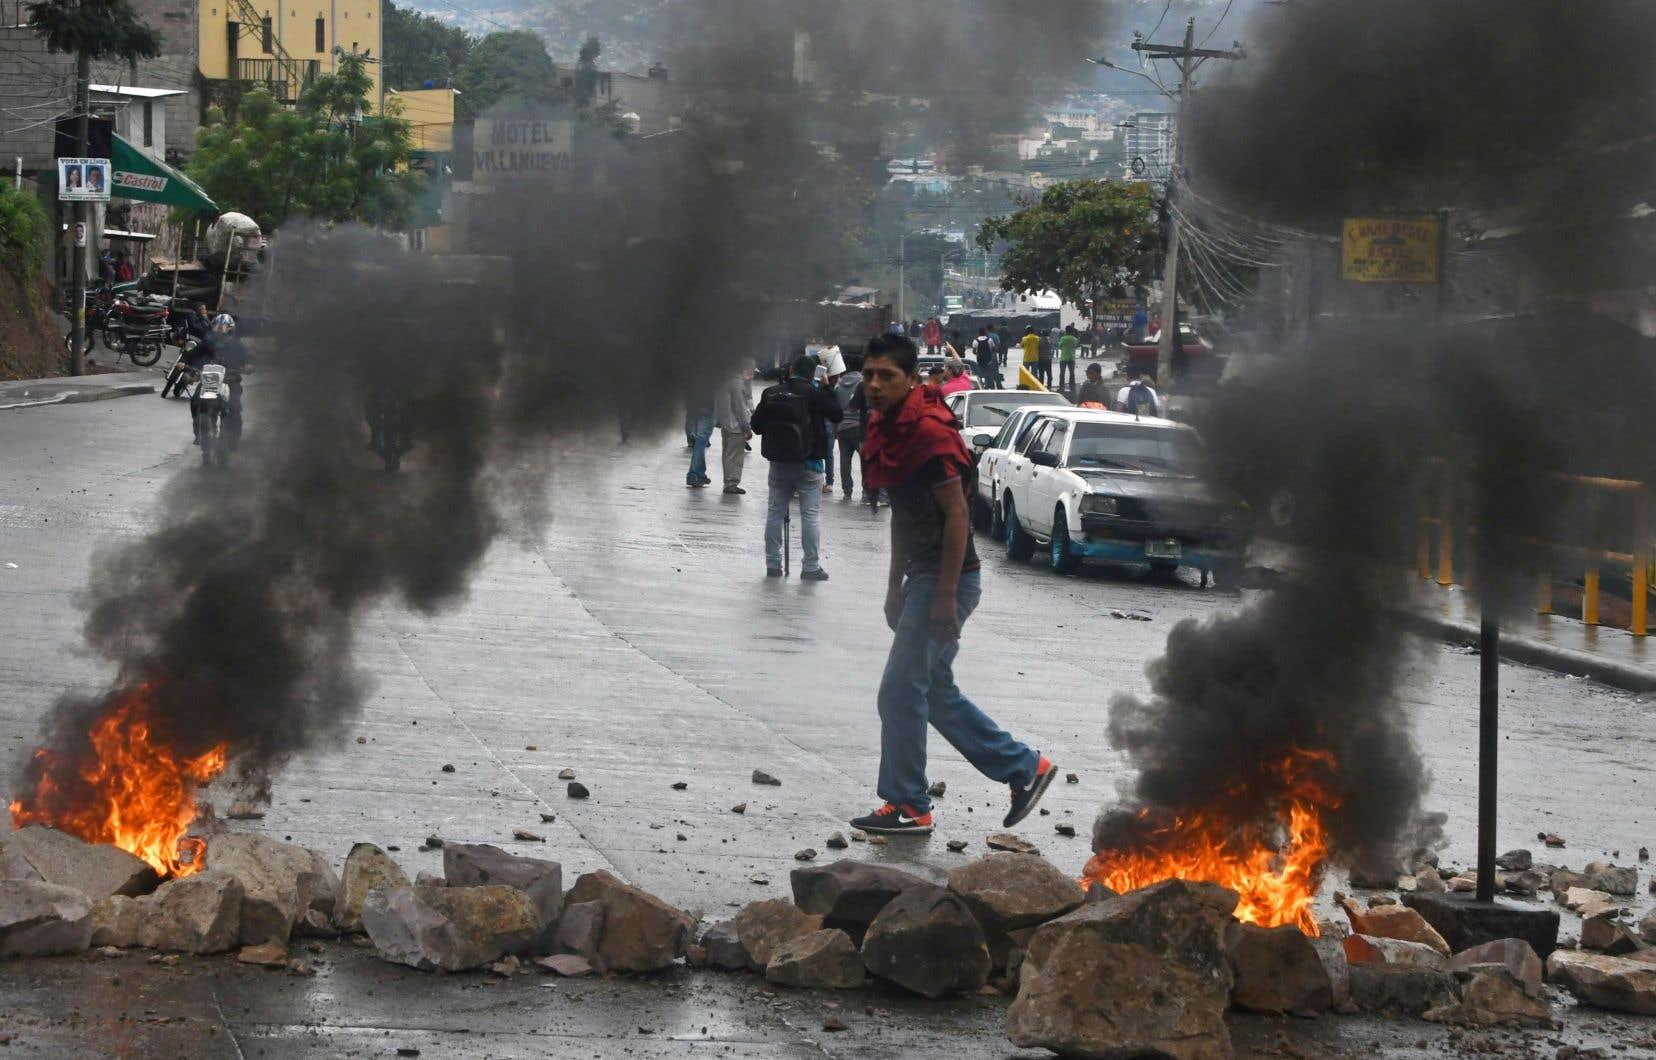 Les partisans de Salvador Nasralla manifestent pour dénoncer une «fraude» supposée lors de cette élection entachée d'irrégularités, selon l'opposition.